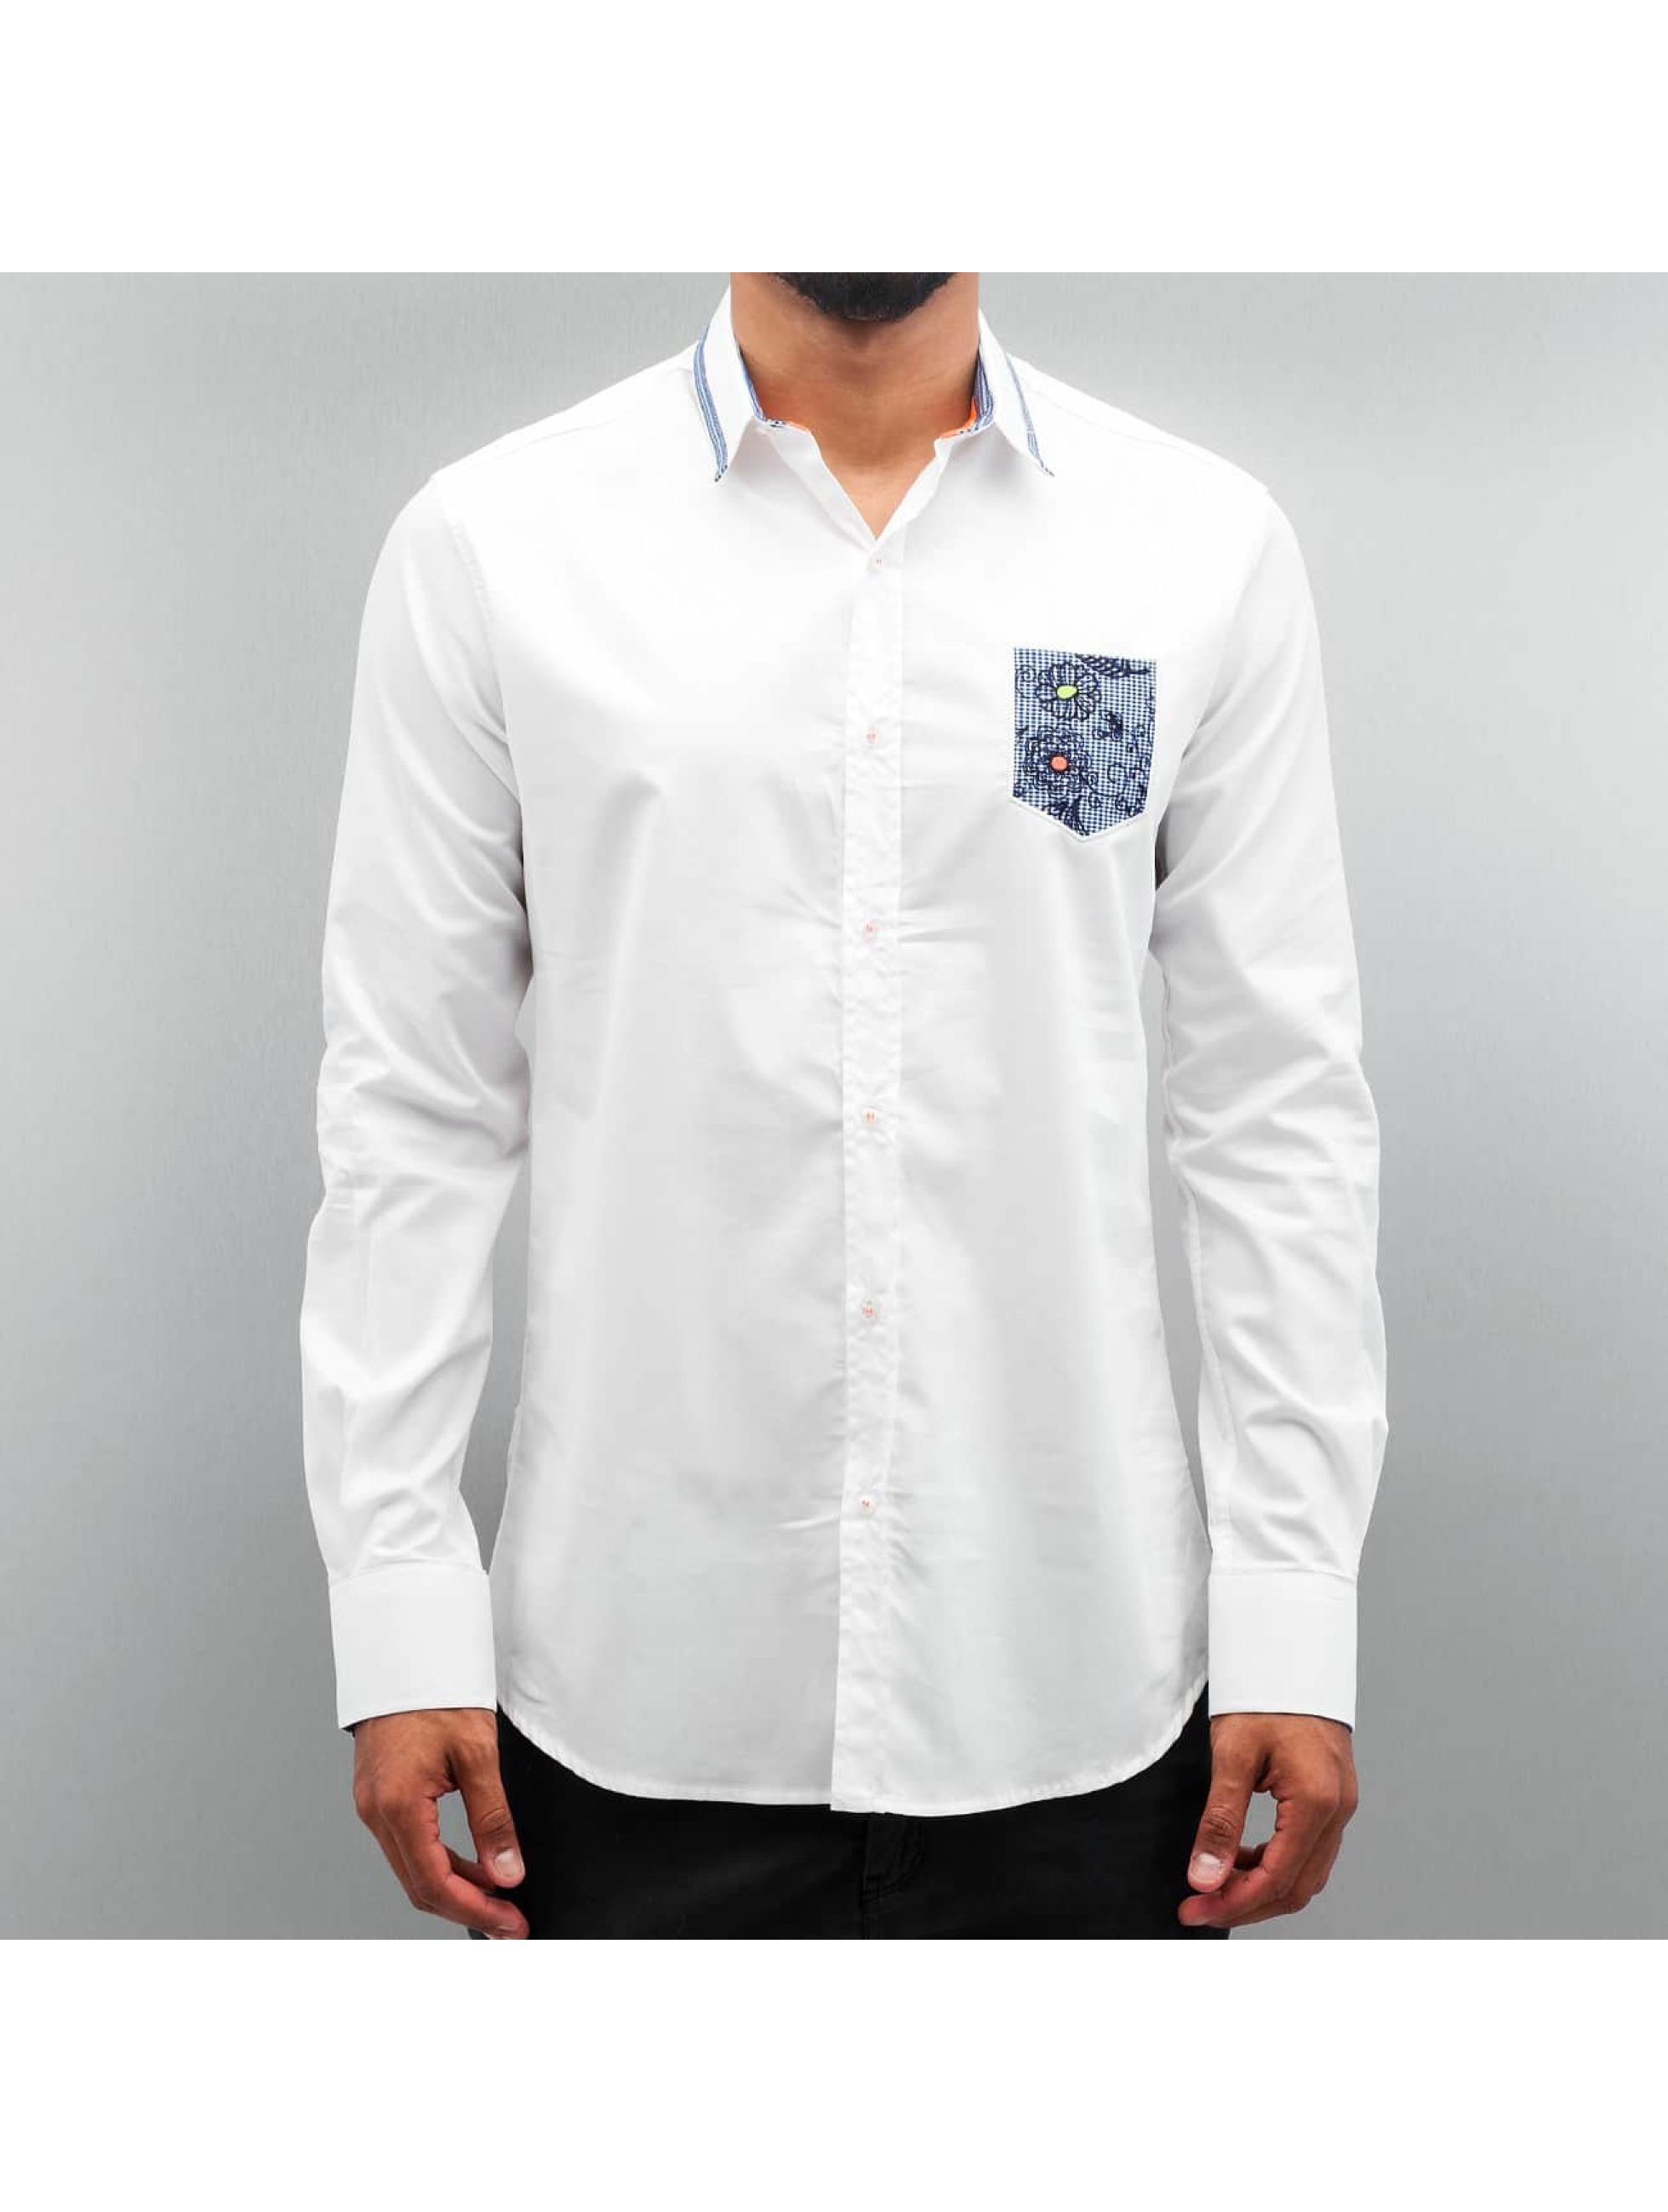 Schipkau Schipkau Angebote Open Männer Hemd Flower in weiß